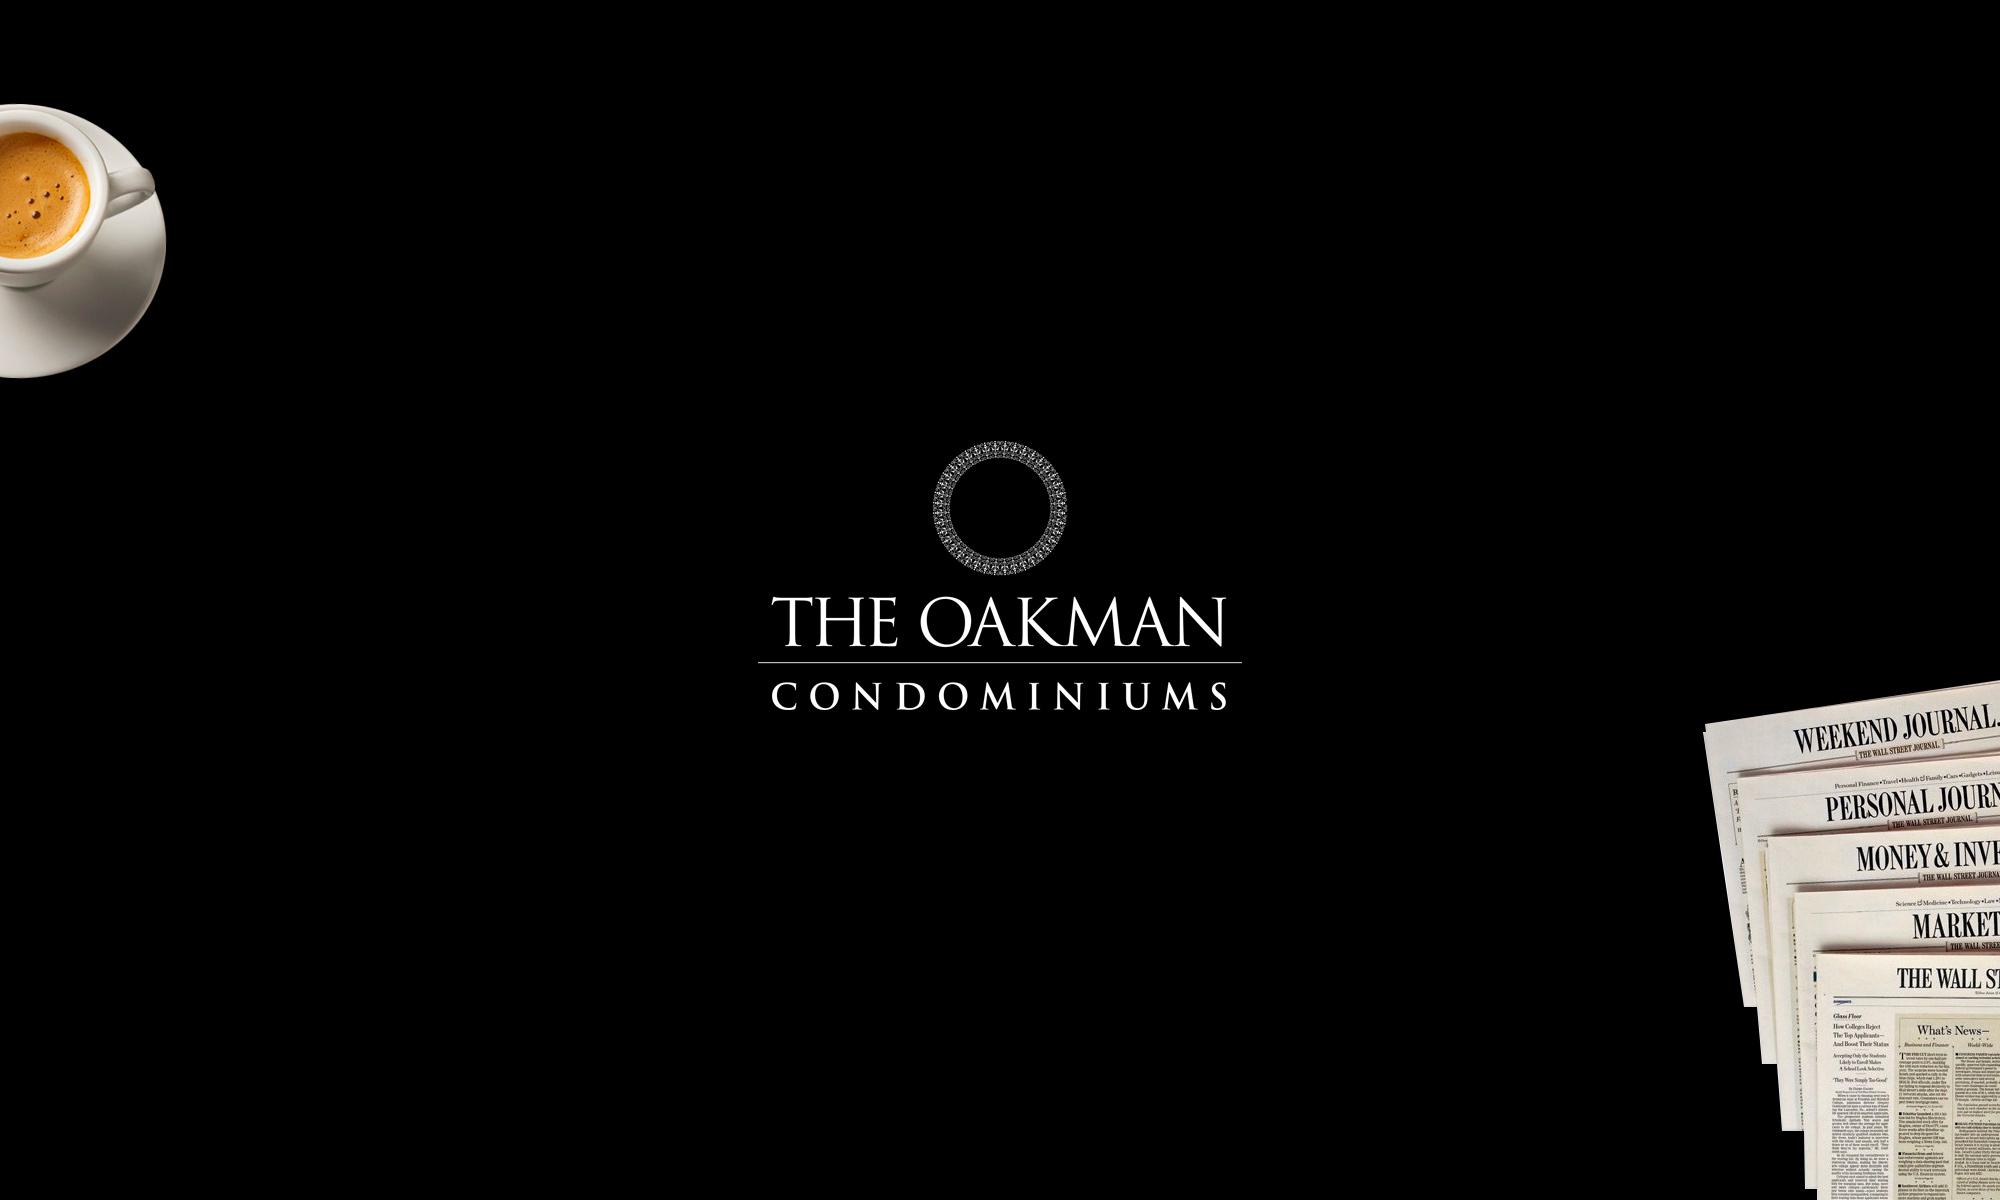 The Oakman Condominiums